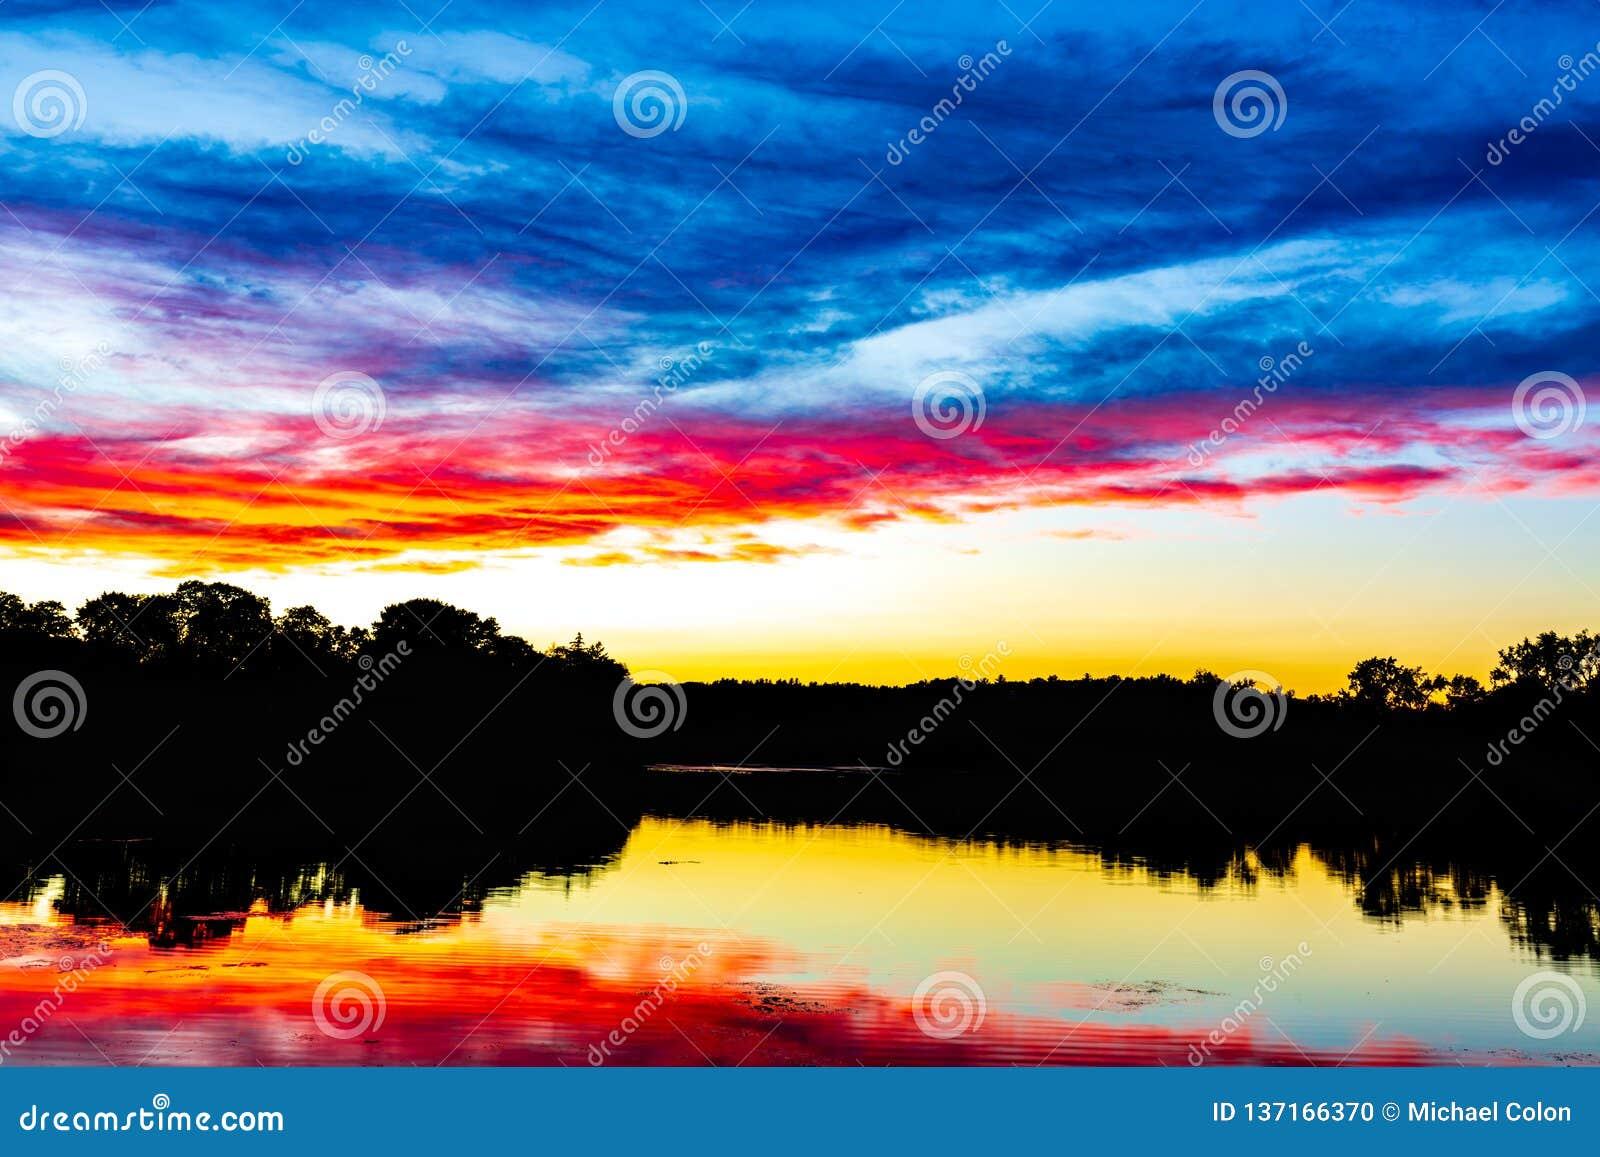 史诗新英格兰日落-侧房池塘玫瑰花马萨诸塞